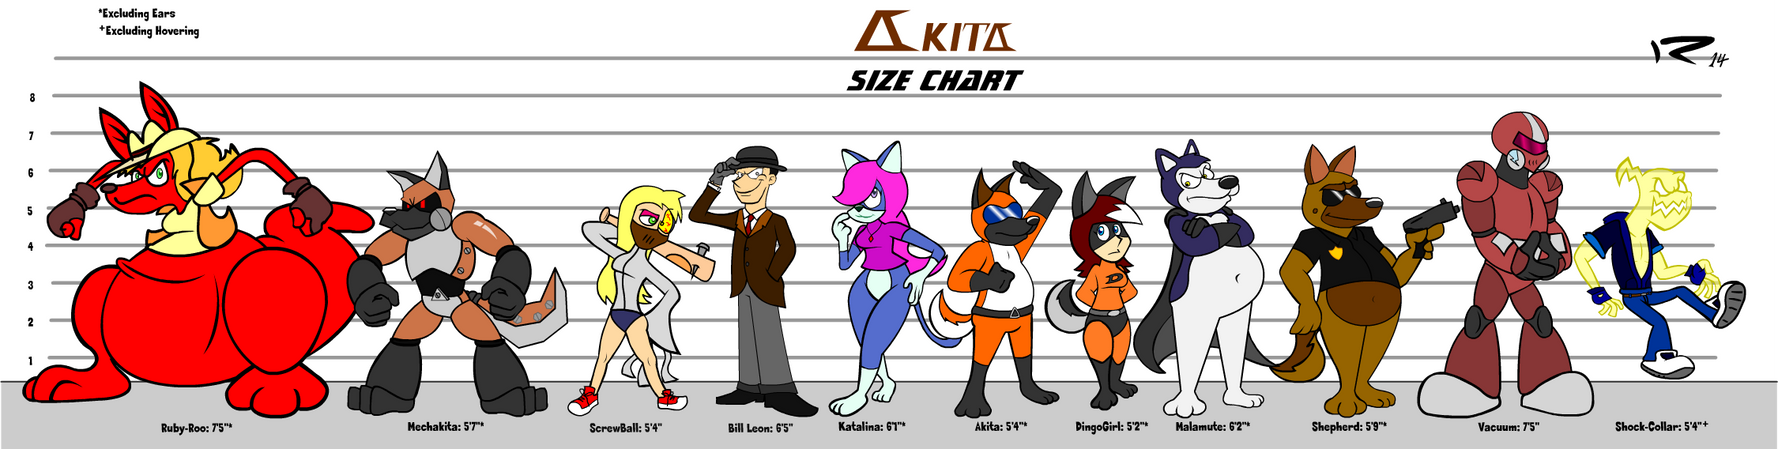 Akita Size Chart by Imagine23